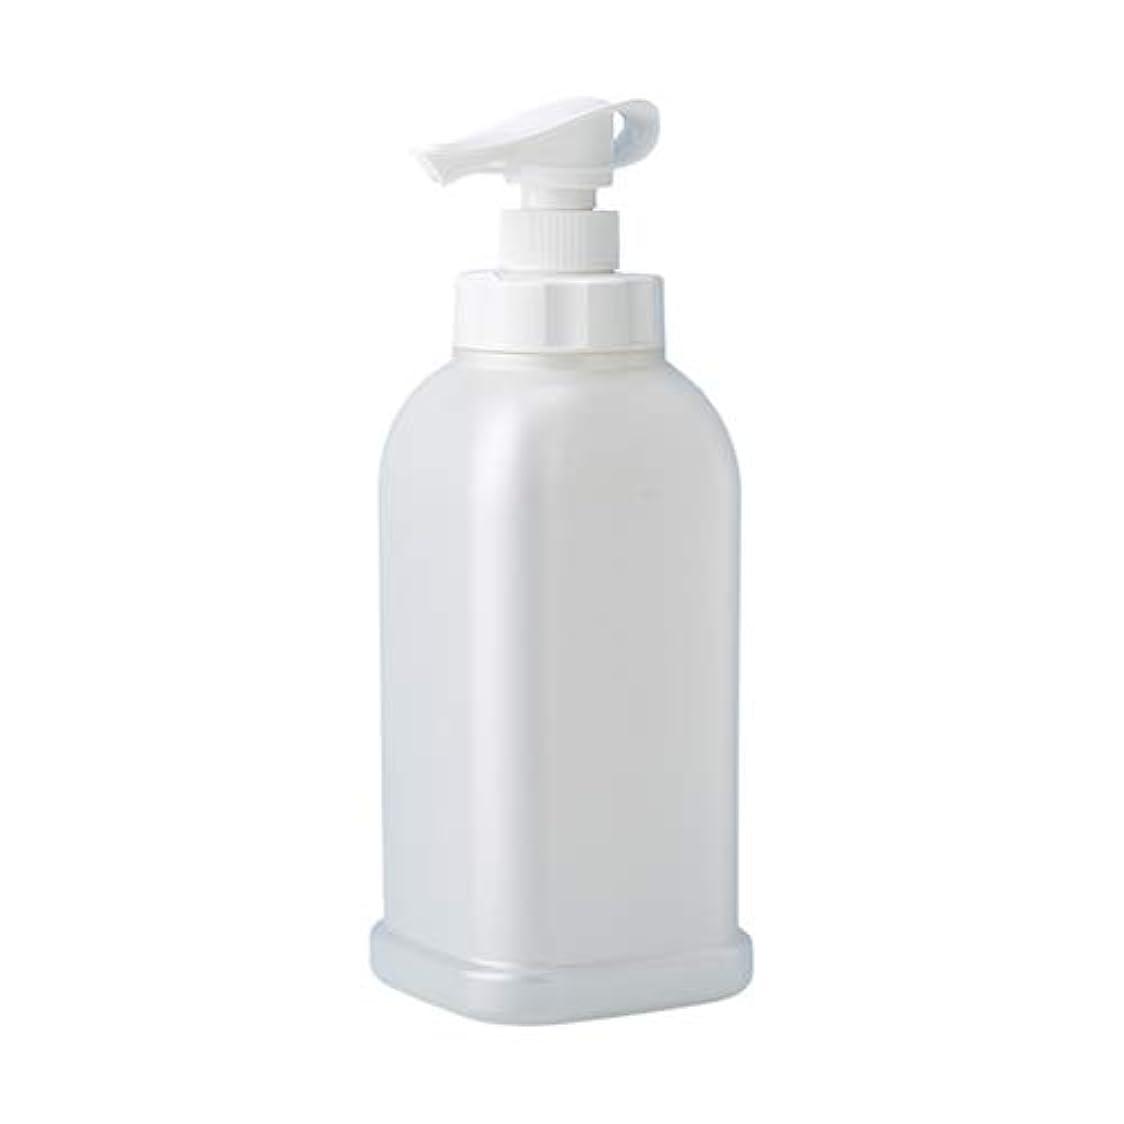 レルム前提条件殺人安定感のある ポンプボトル シャンプー コンディショナー リンス ボディソープ ハンドソープ 1.2L詰め替え容器 パールホワイト